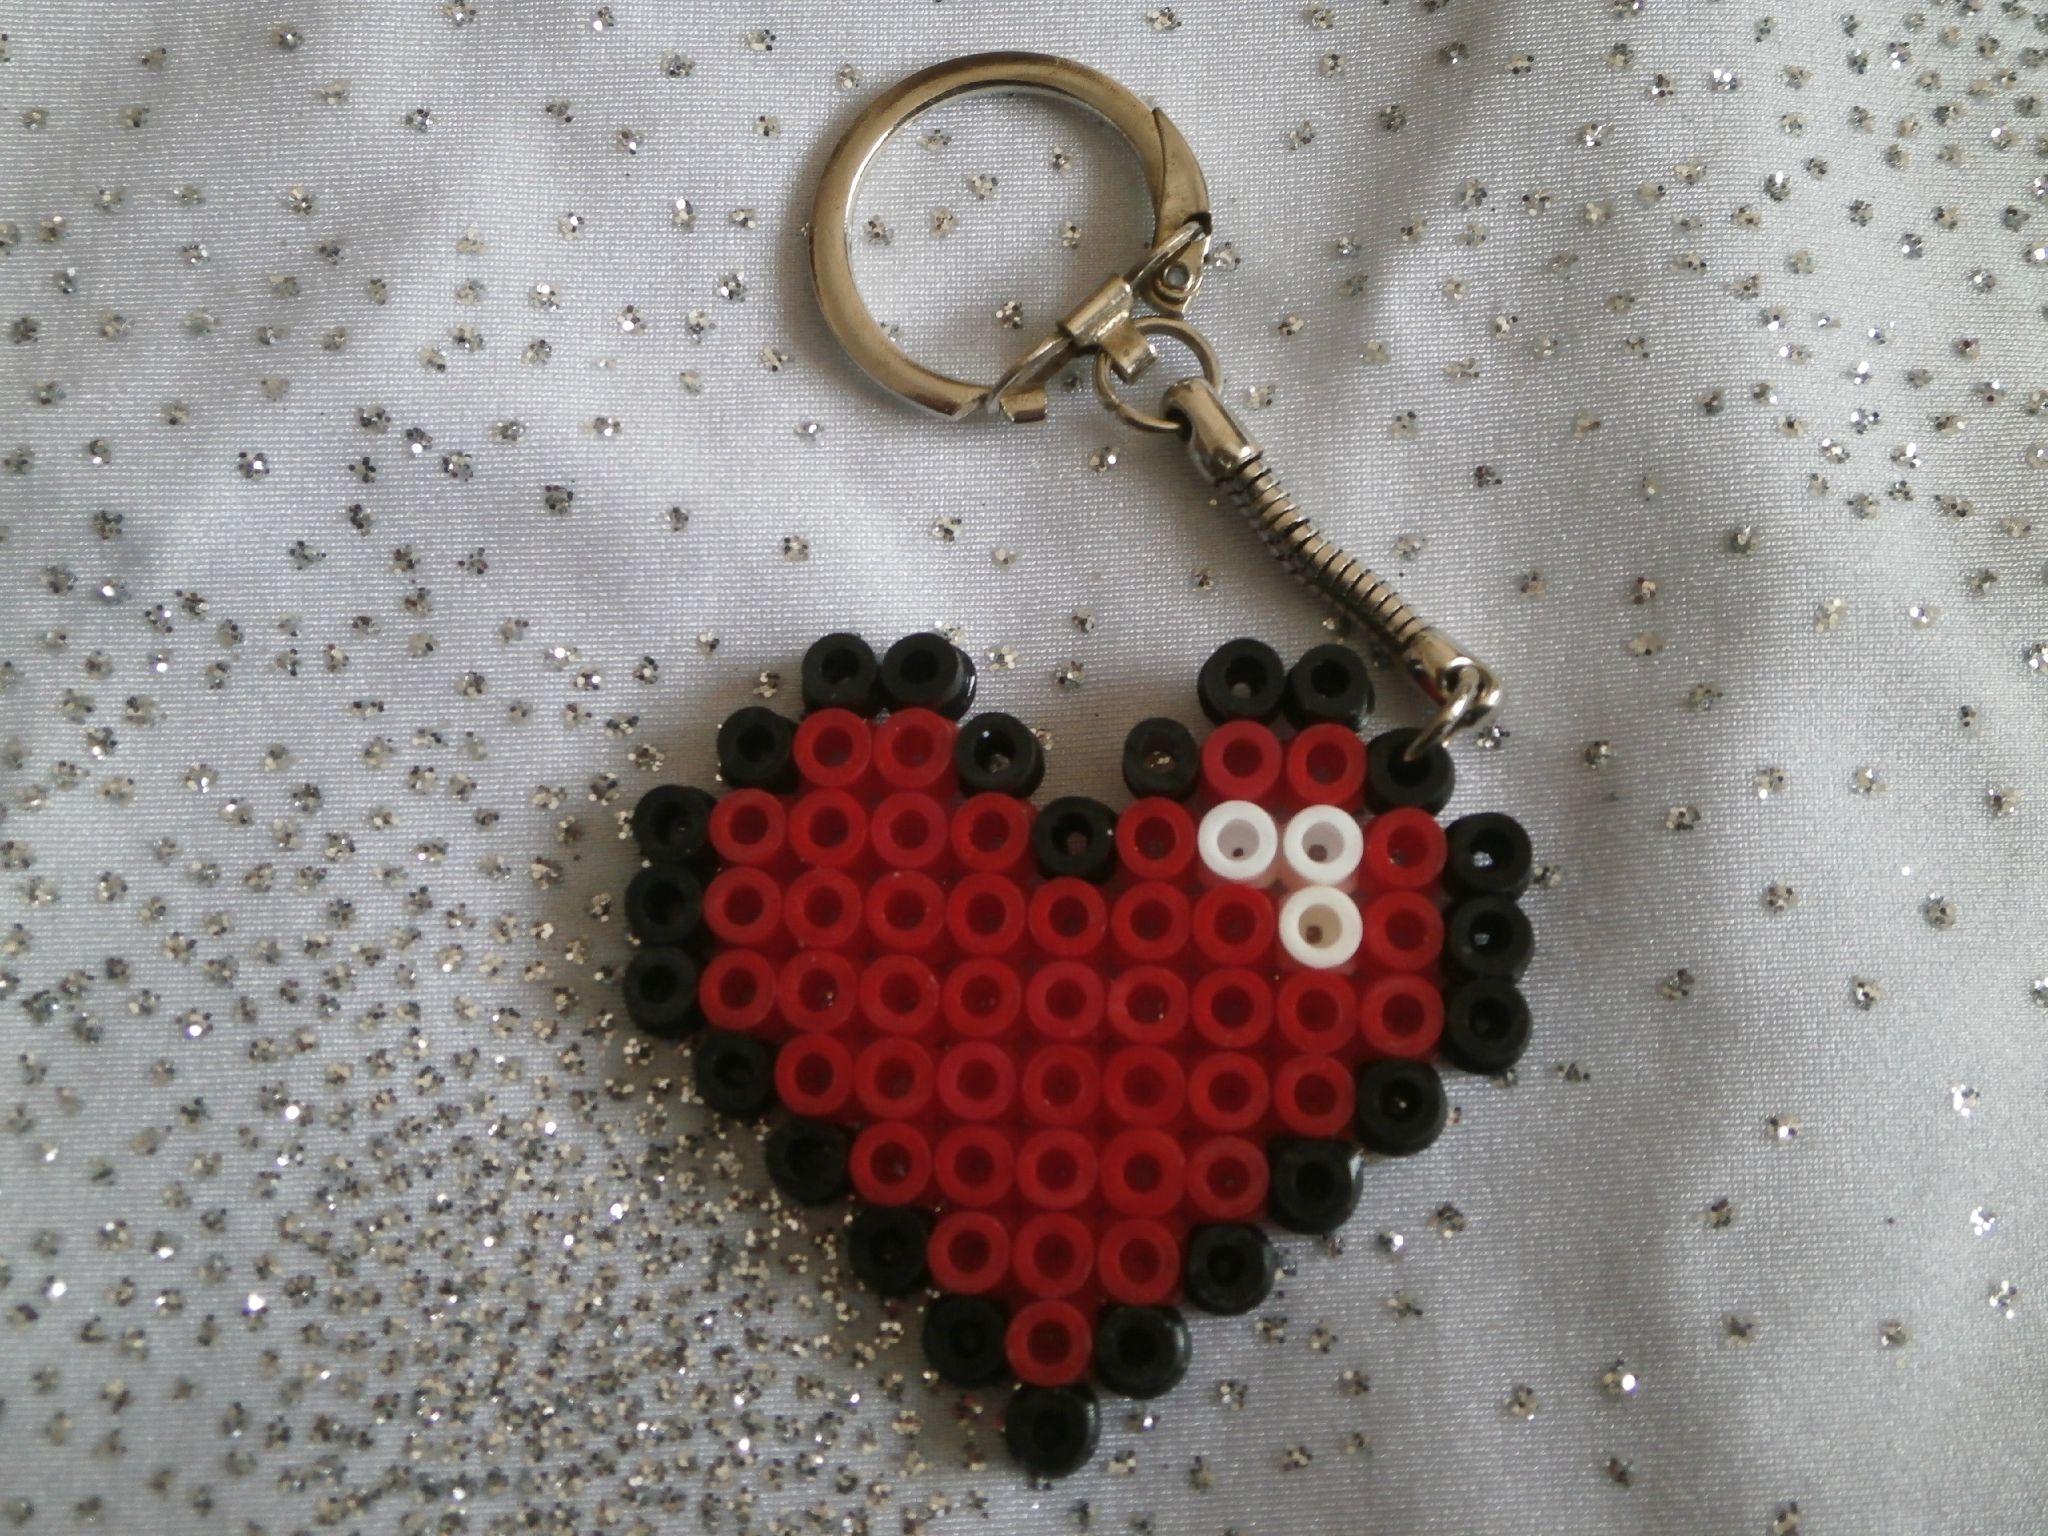 Porte cl coeur en perle hama couture pinterest perles hama porte cl et hama - Porte cle perle ...